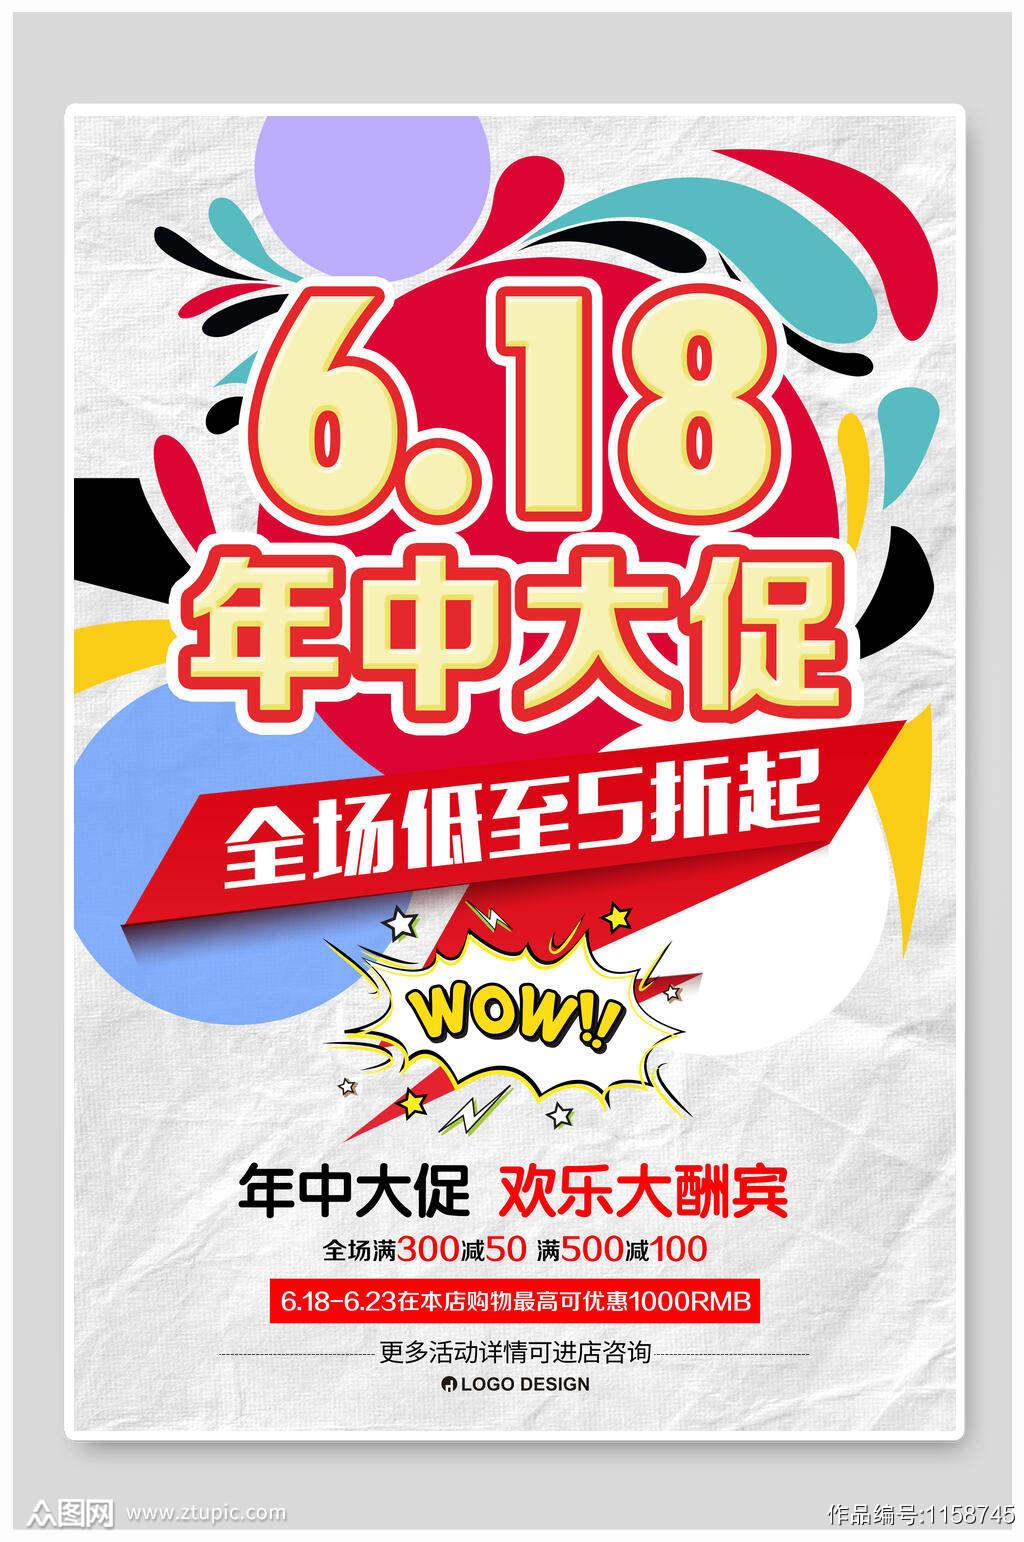 618低价狂欢促销海报设计素材